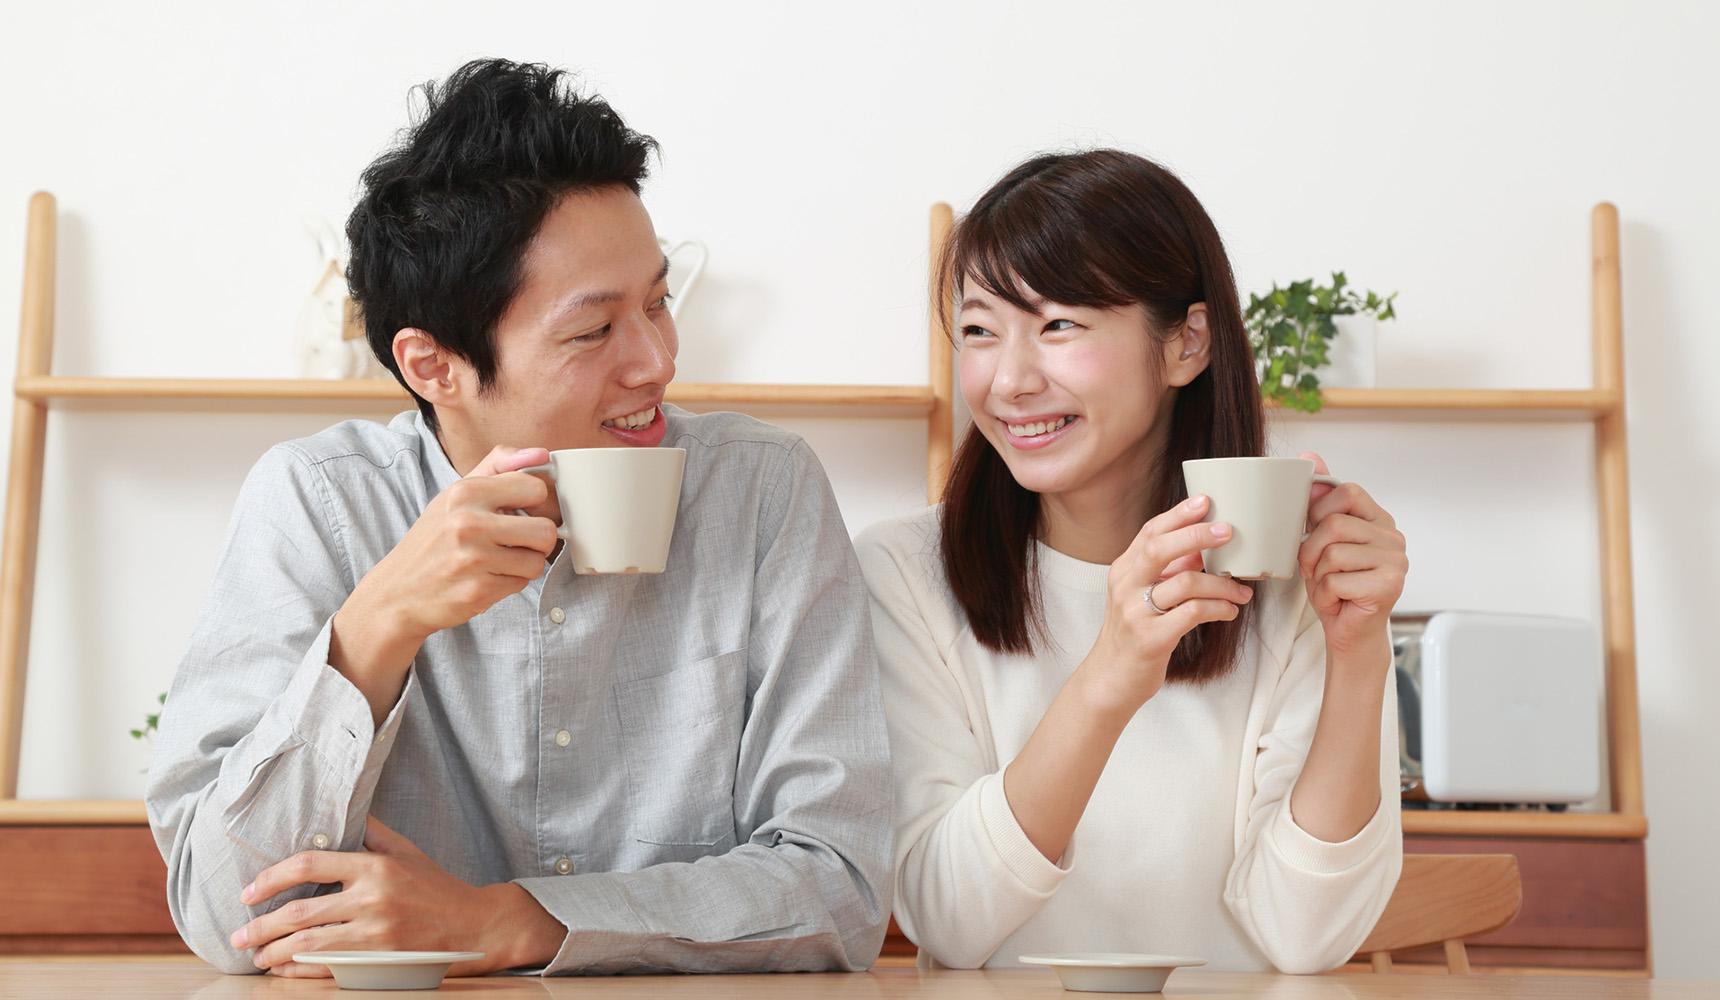 28歳~38歳/同世代婚活編男女1人参加中心…『素敵な方と冬デートに出掛けよう!』